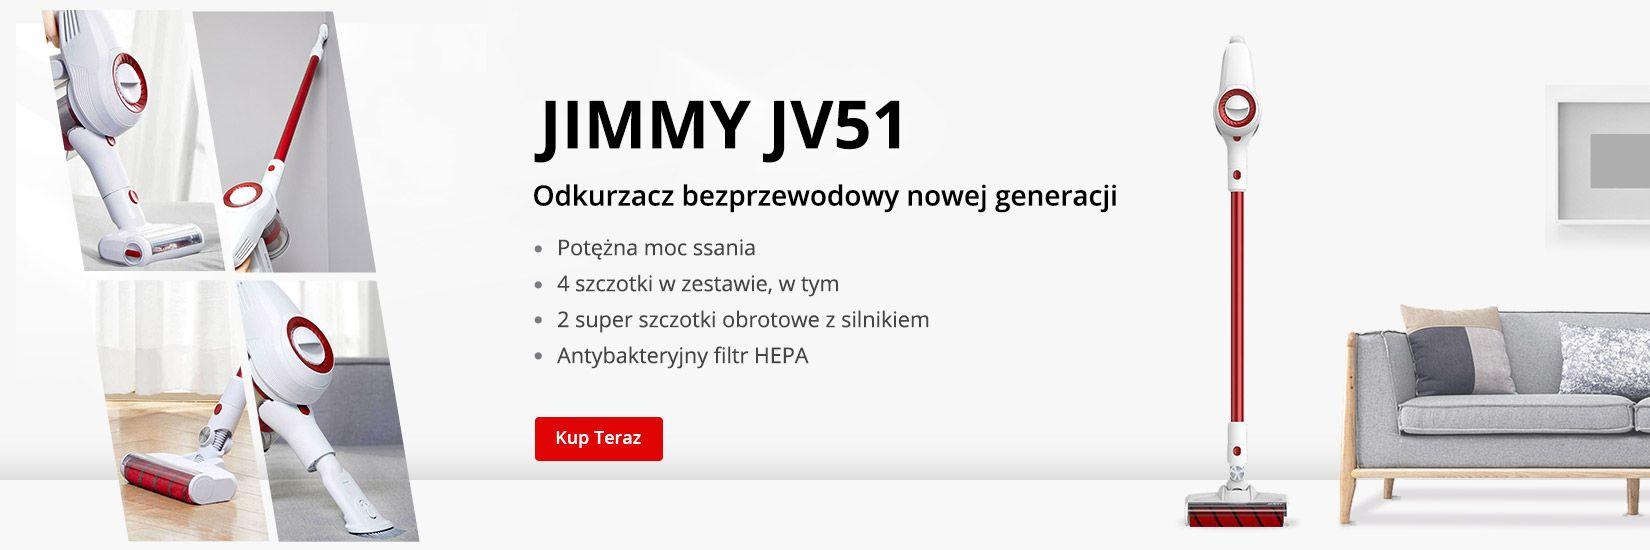 JIMMY JV51